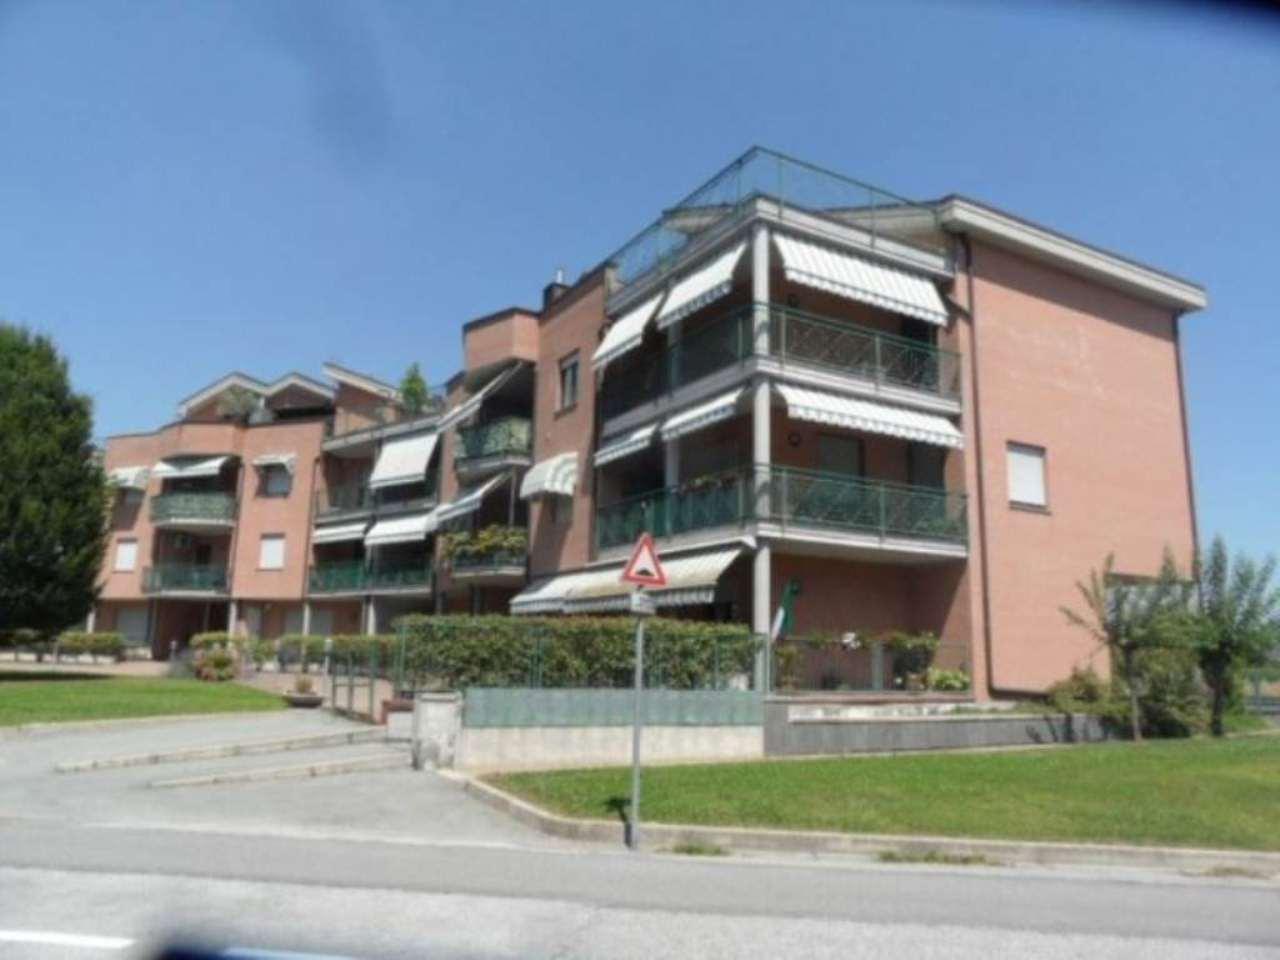 Attico / Mansarda in vendita a Manta, 6 locali, prezzo € 360.000 | Cambio Casa.it